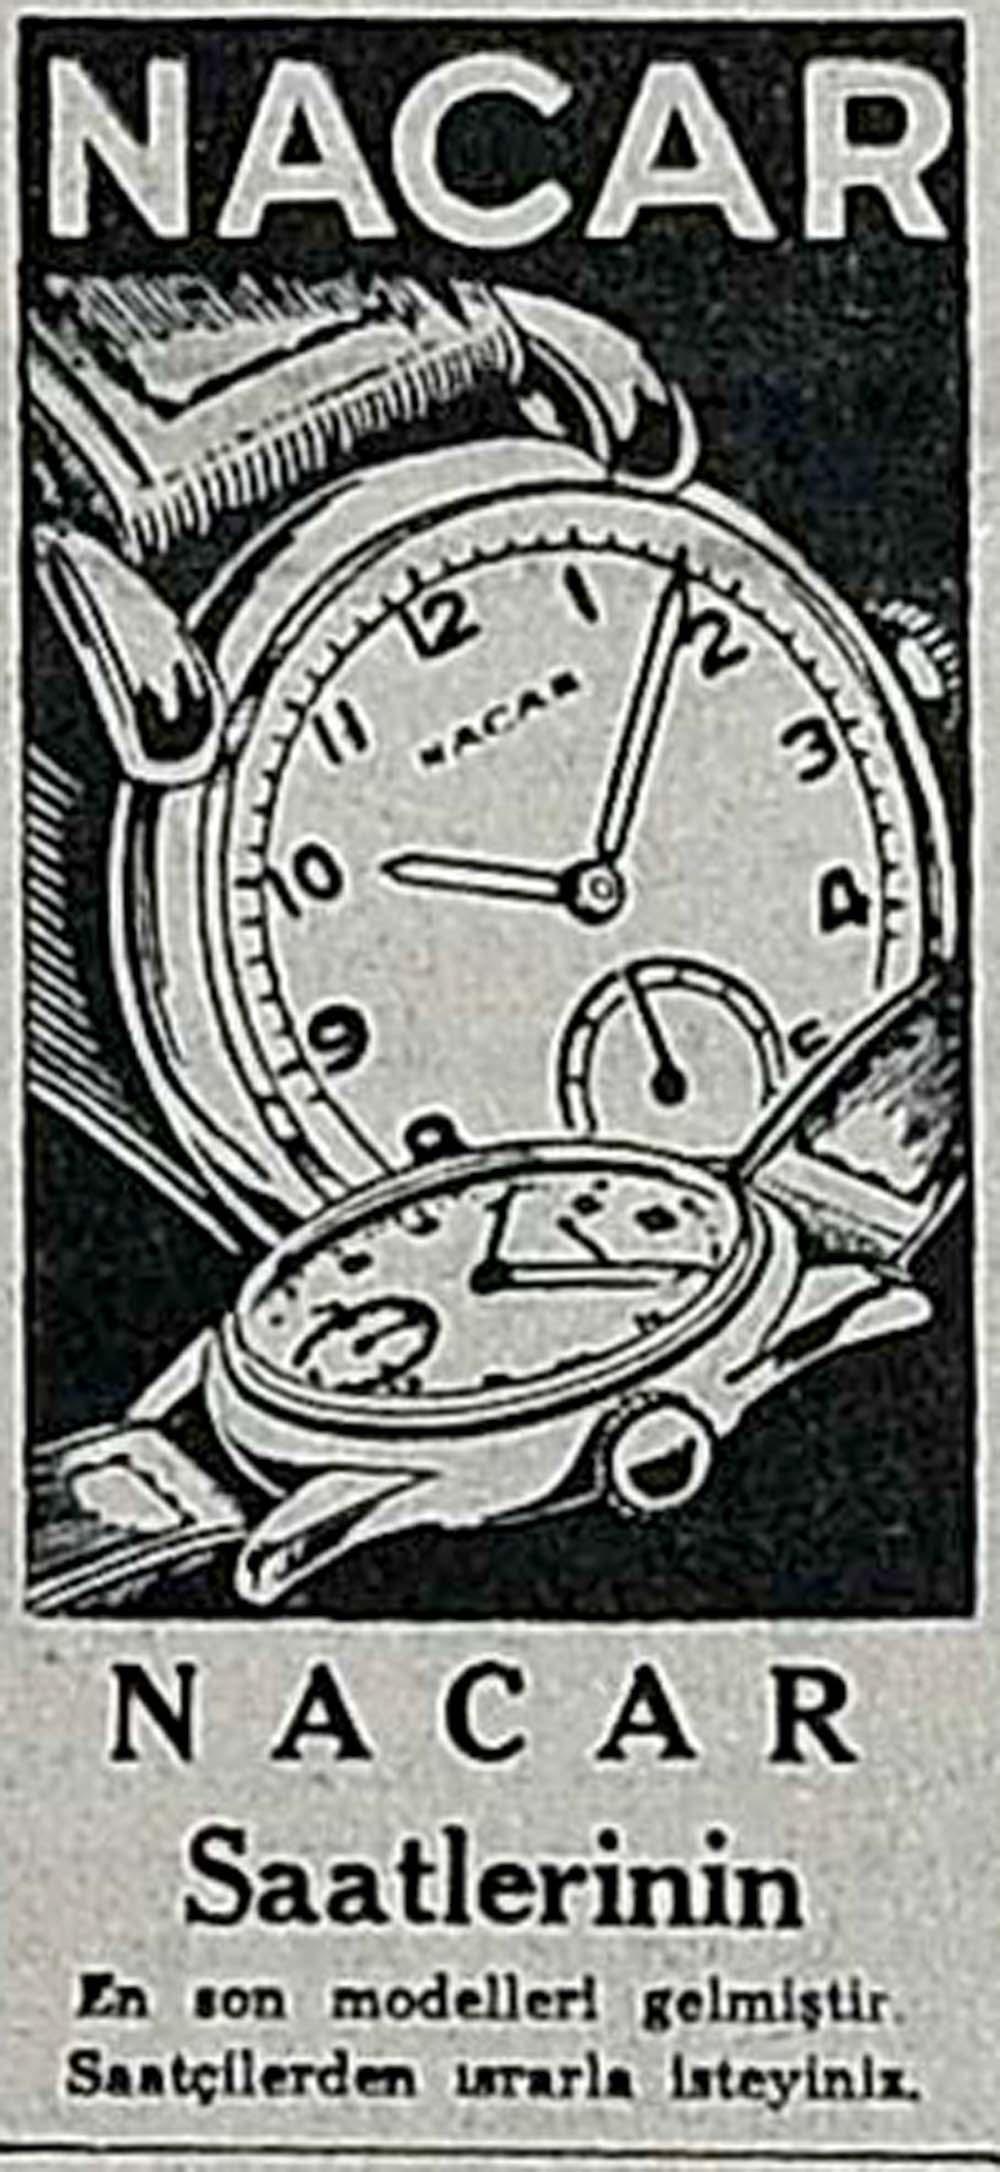 Nacar Saatlerinin En son modelleri gelmiştir